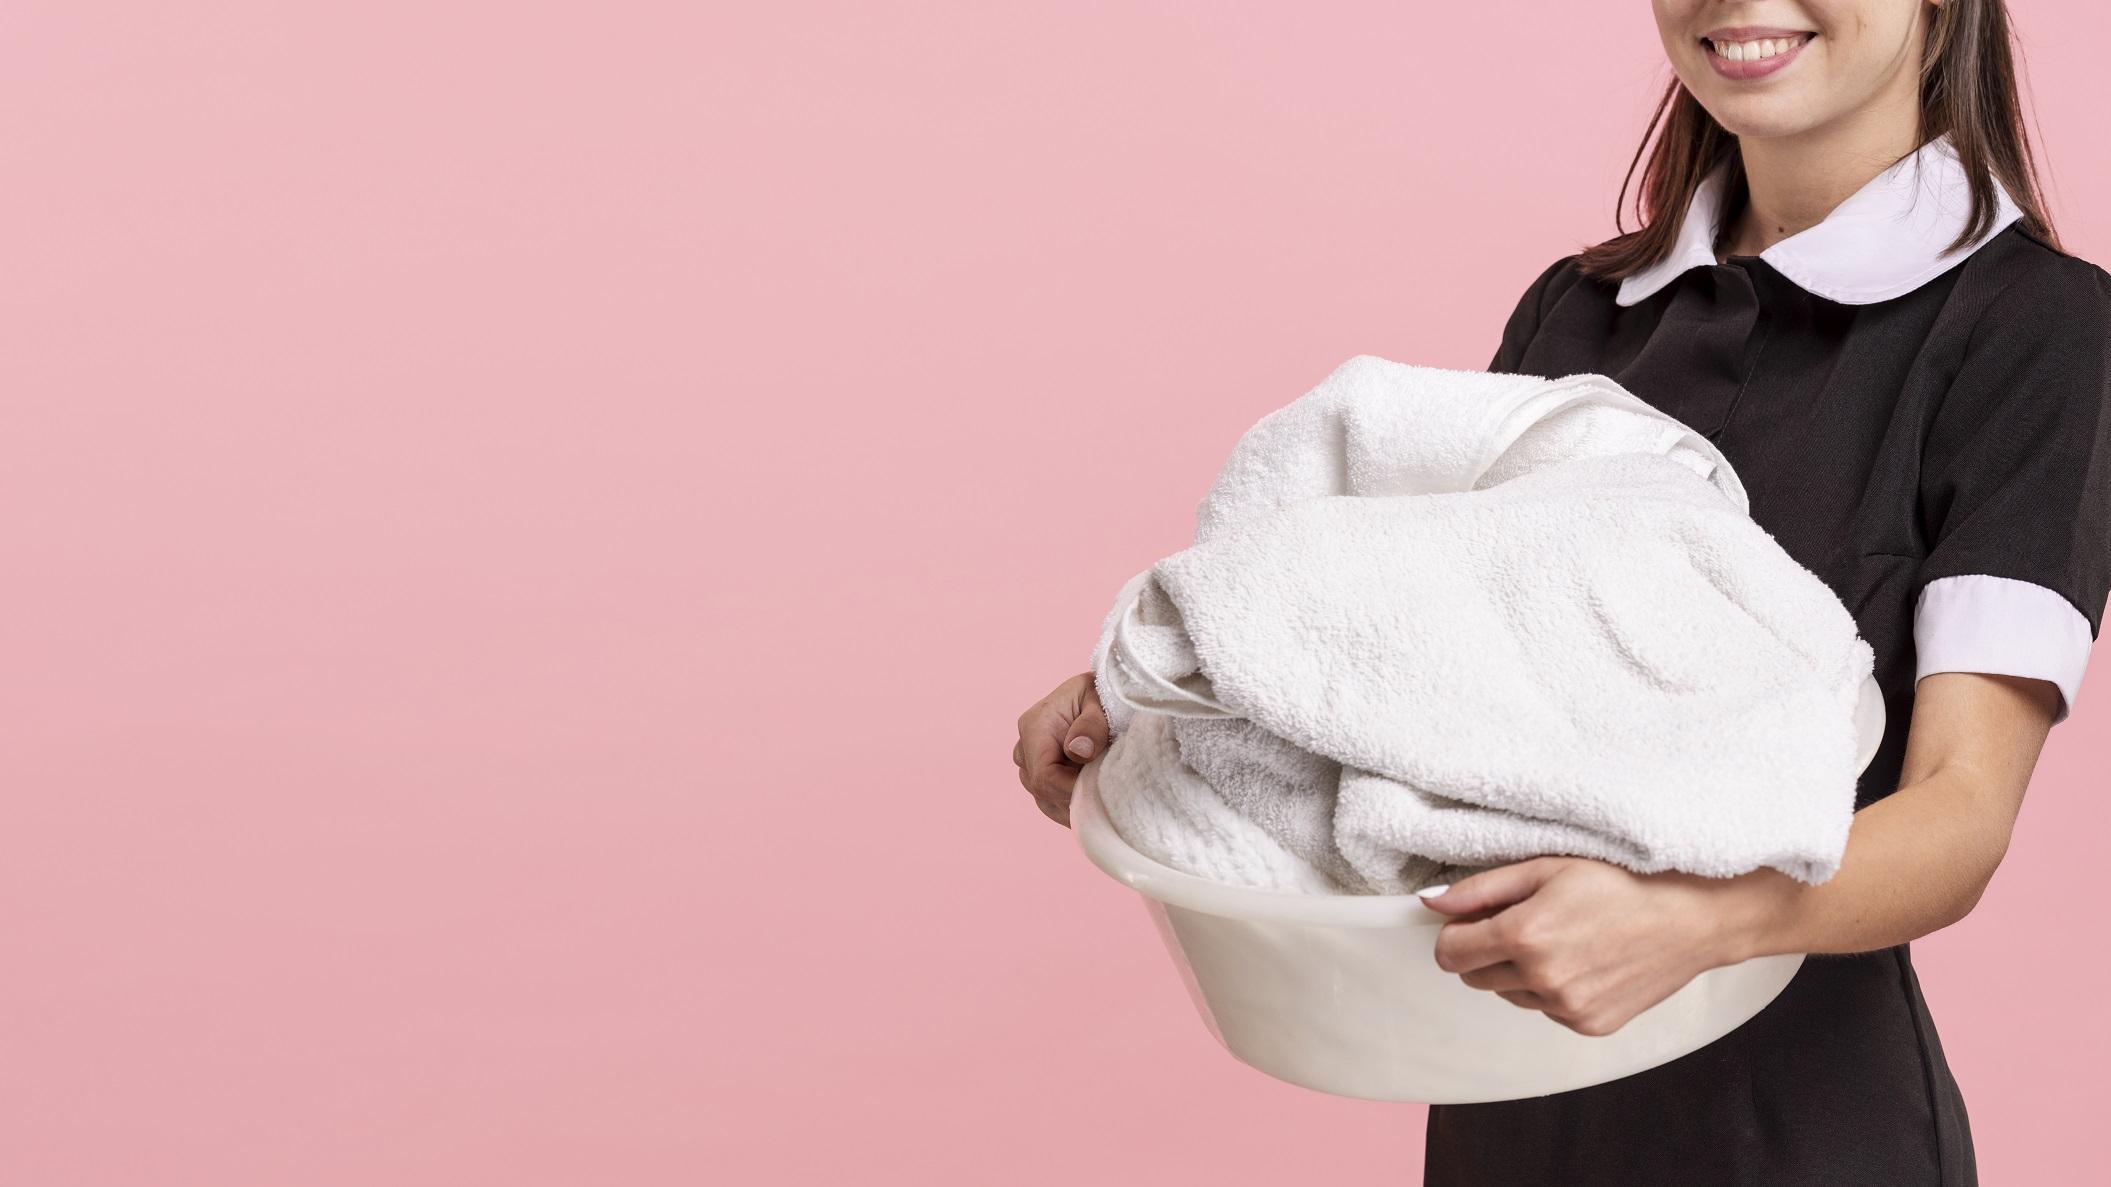 Registro de empregada doméstica: o que você precisa saber?